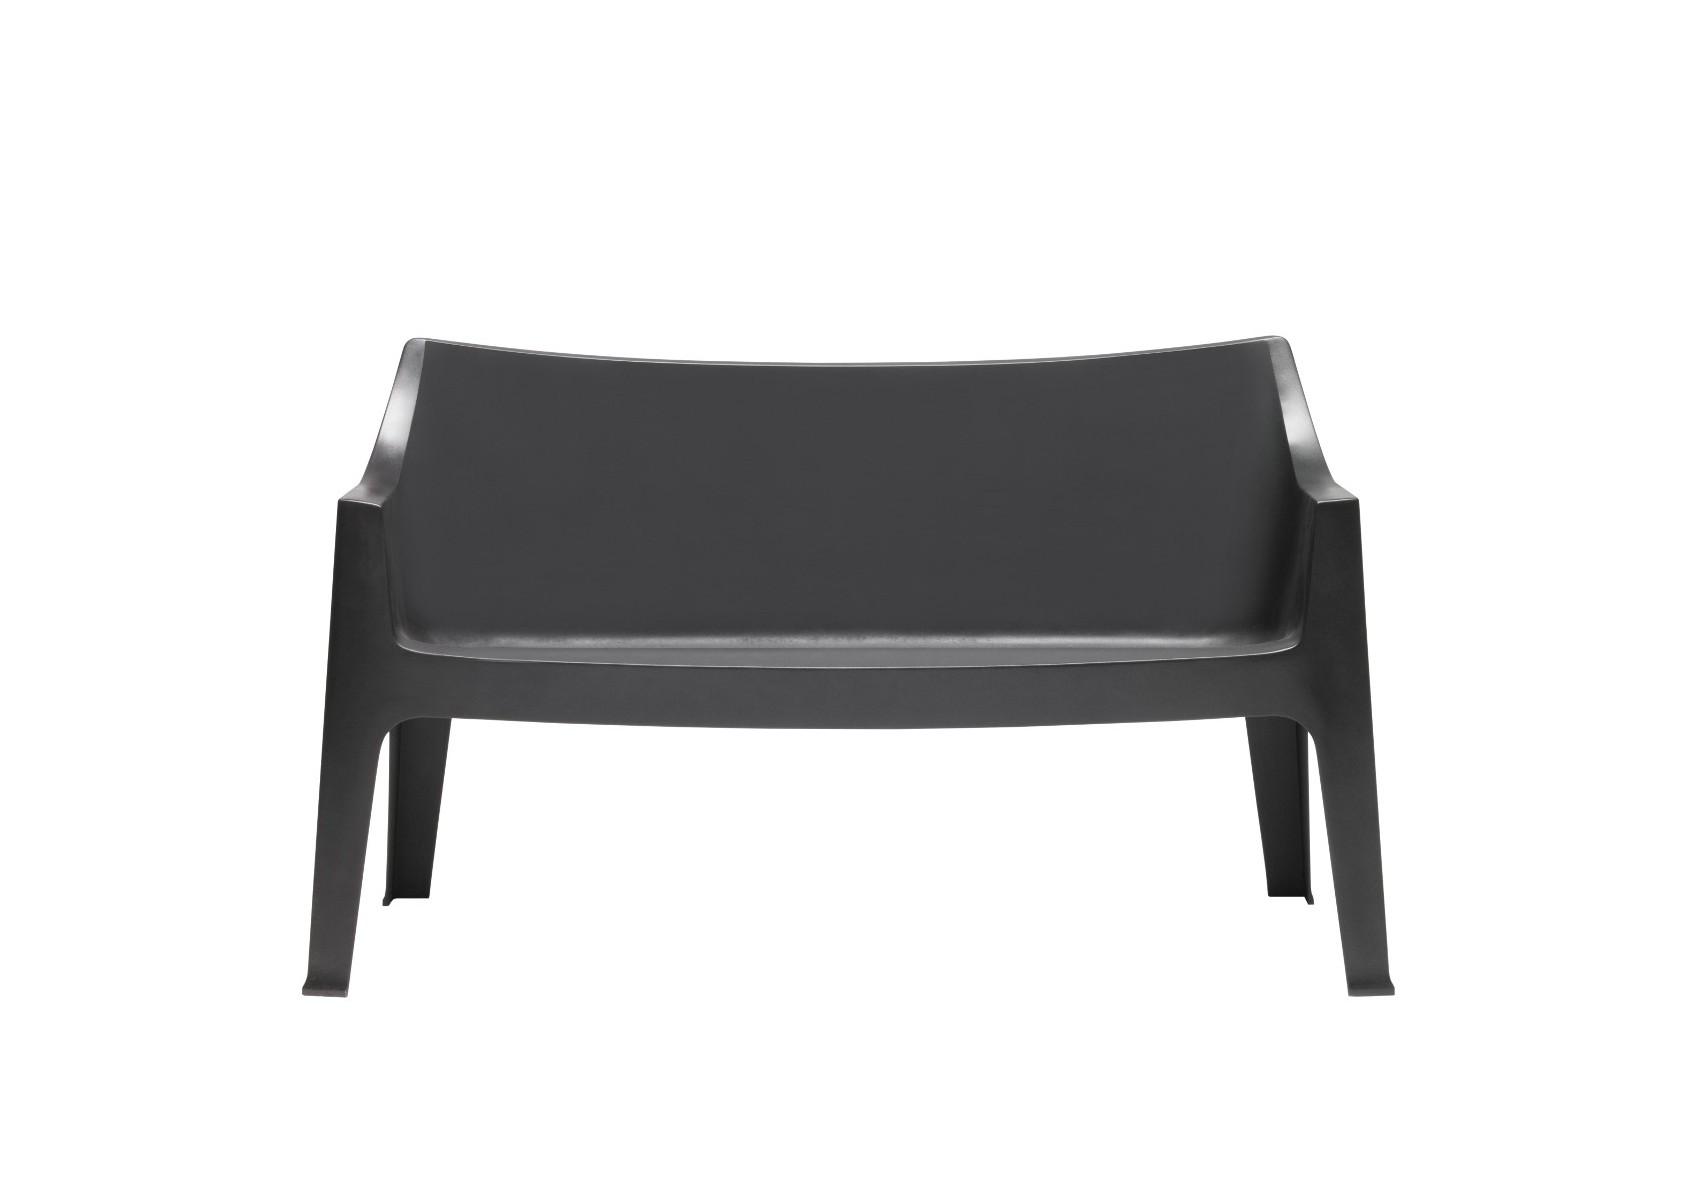 Banquette design de jardin   coccolona sofa   deco   boite à design